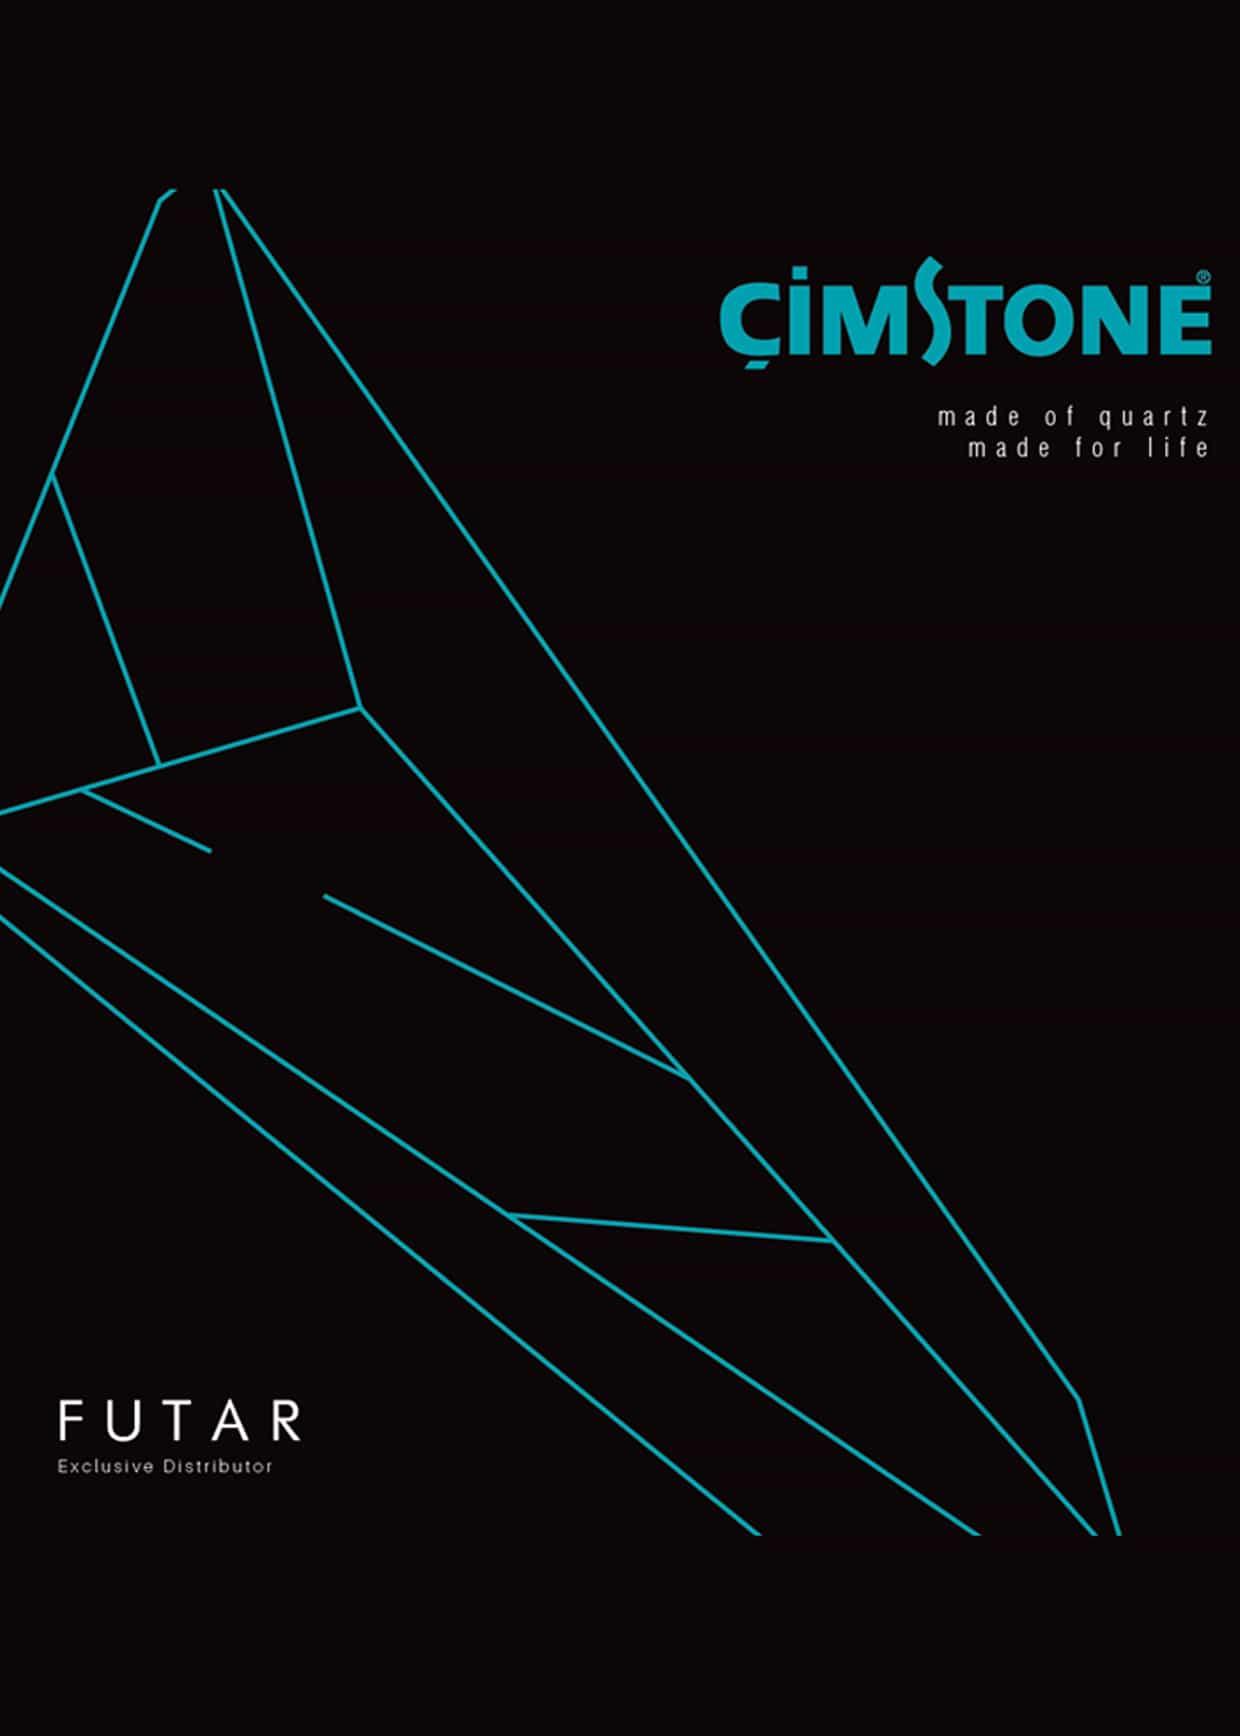 Cimstone